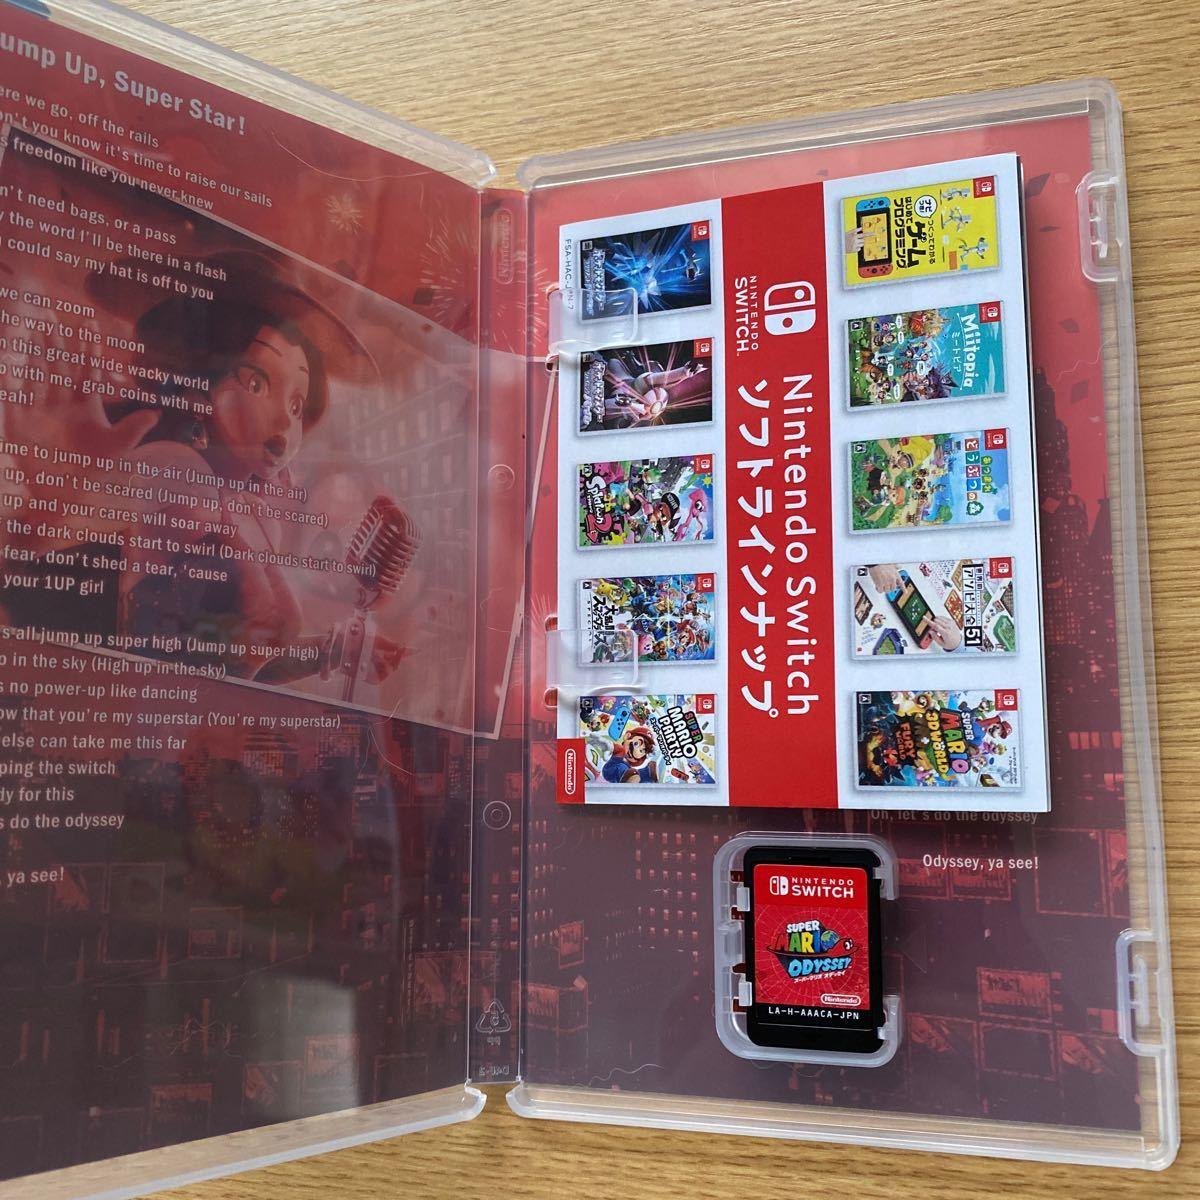 Nintendo Switch マリオオデッセイ 塊魂アンコール ニンテンドースイッチソフト 2つセット